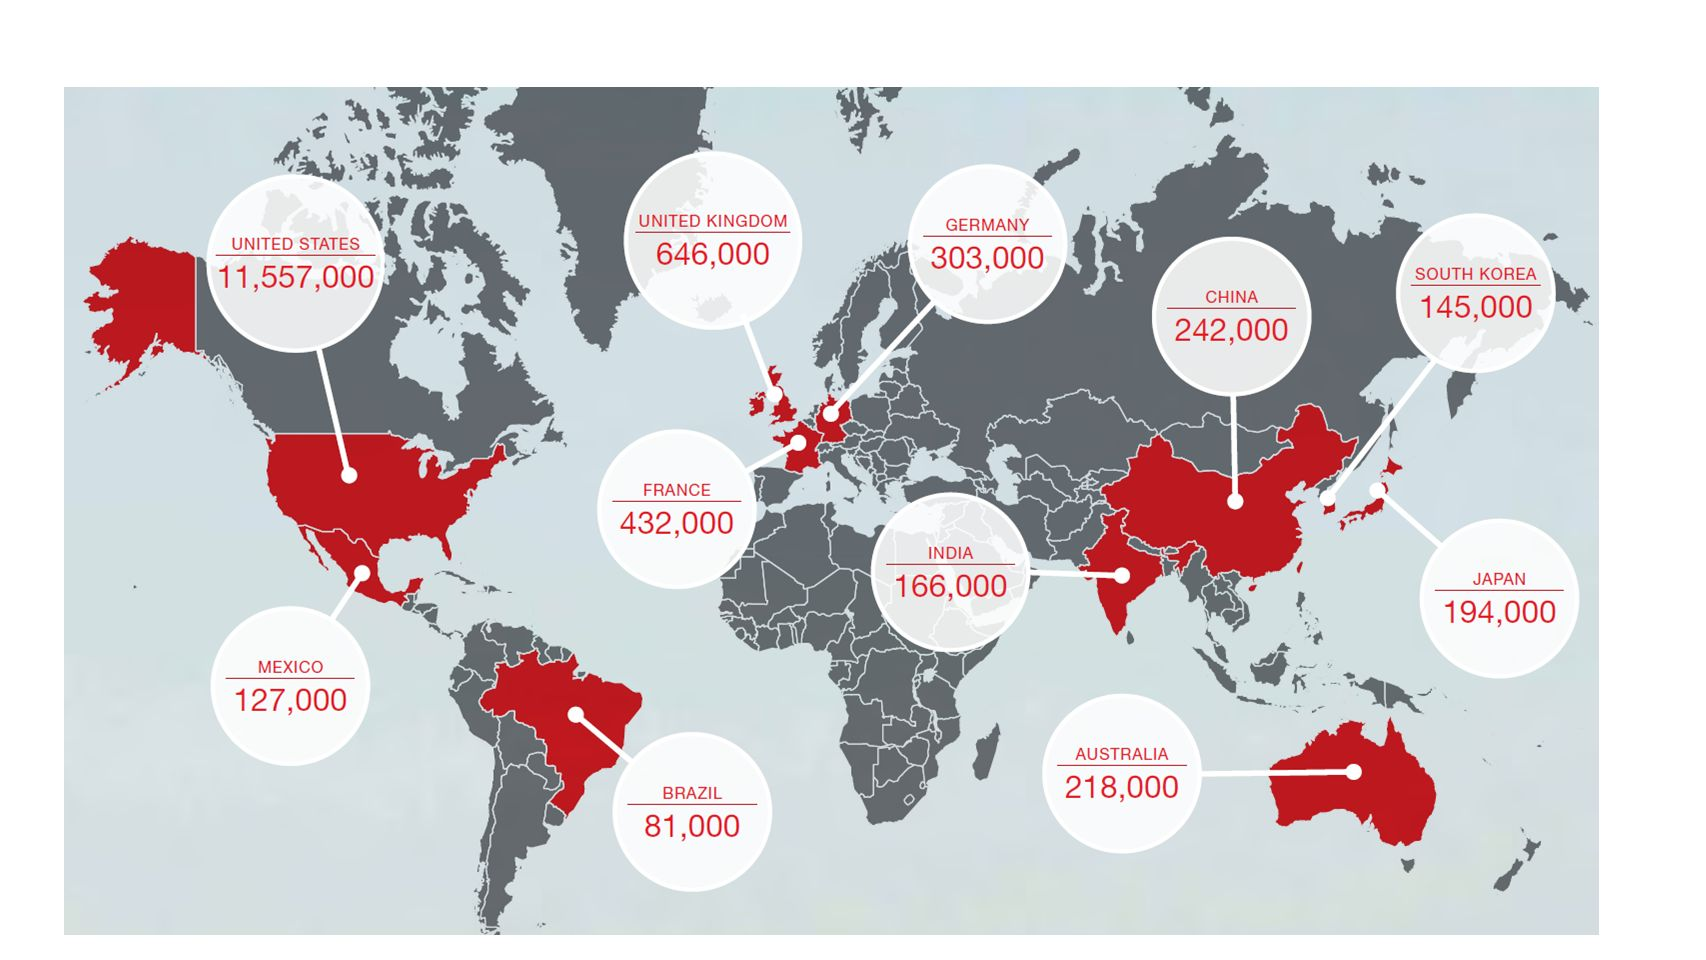 Crown corporation 10 países Empresa de mercadotecnia más grande de Canadá